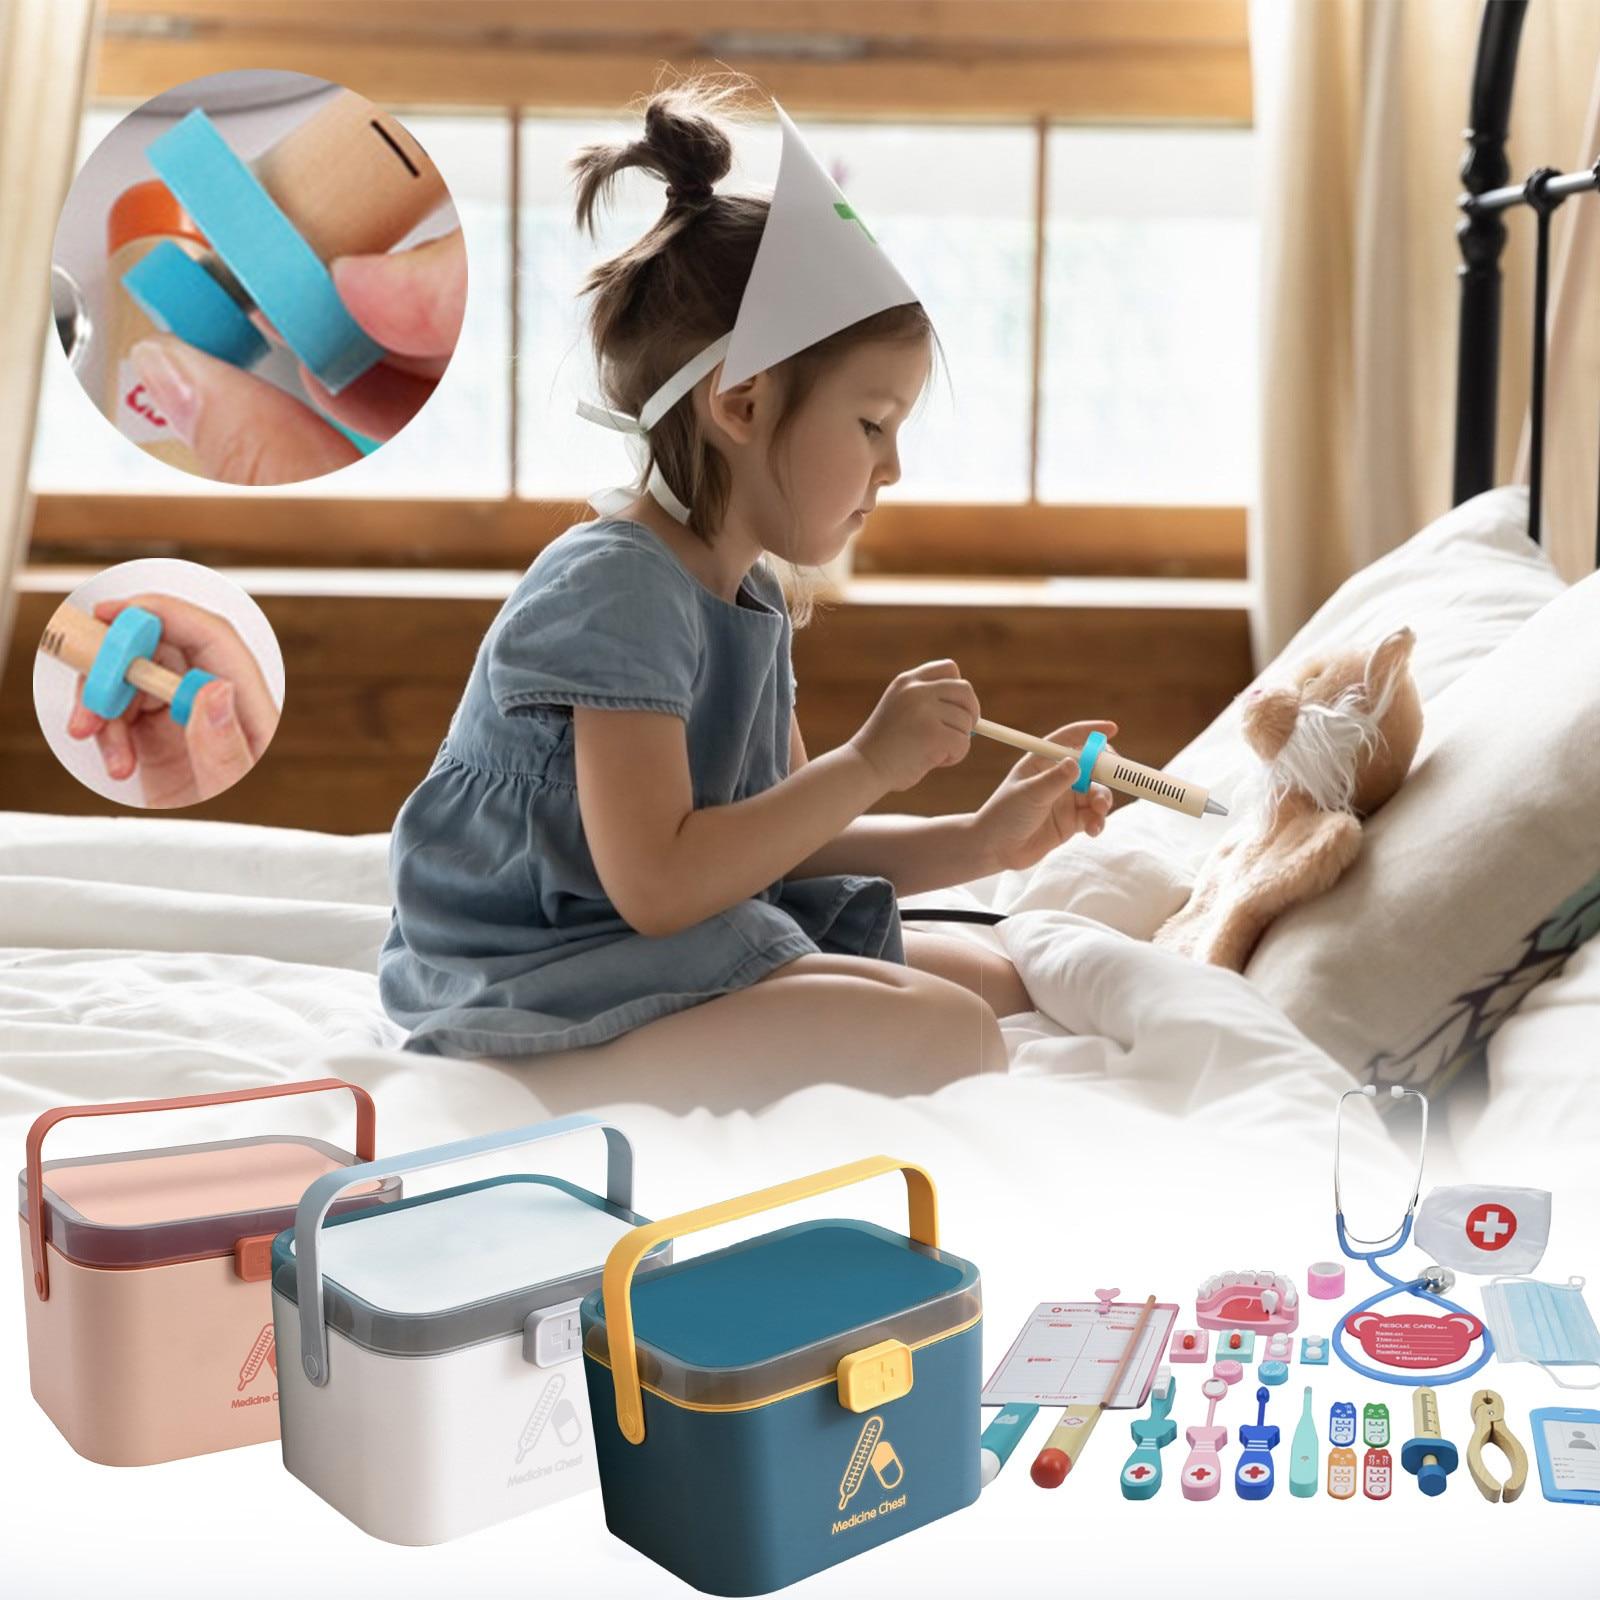 criancas jogar casa medico joga um brinquedo kit medico conjunto menina enfermeira